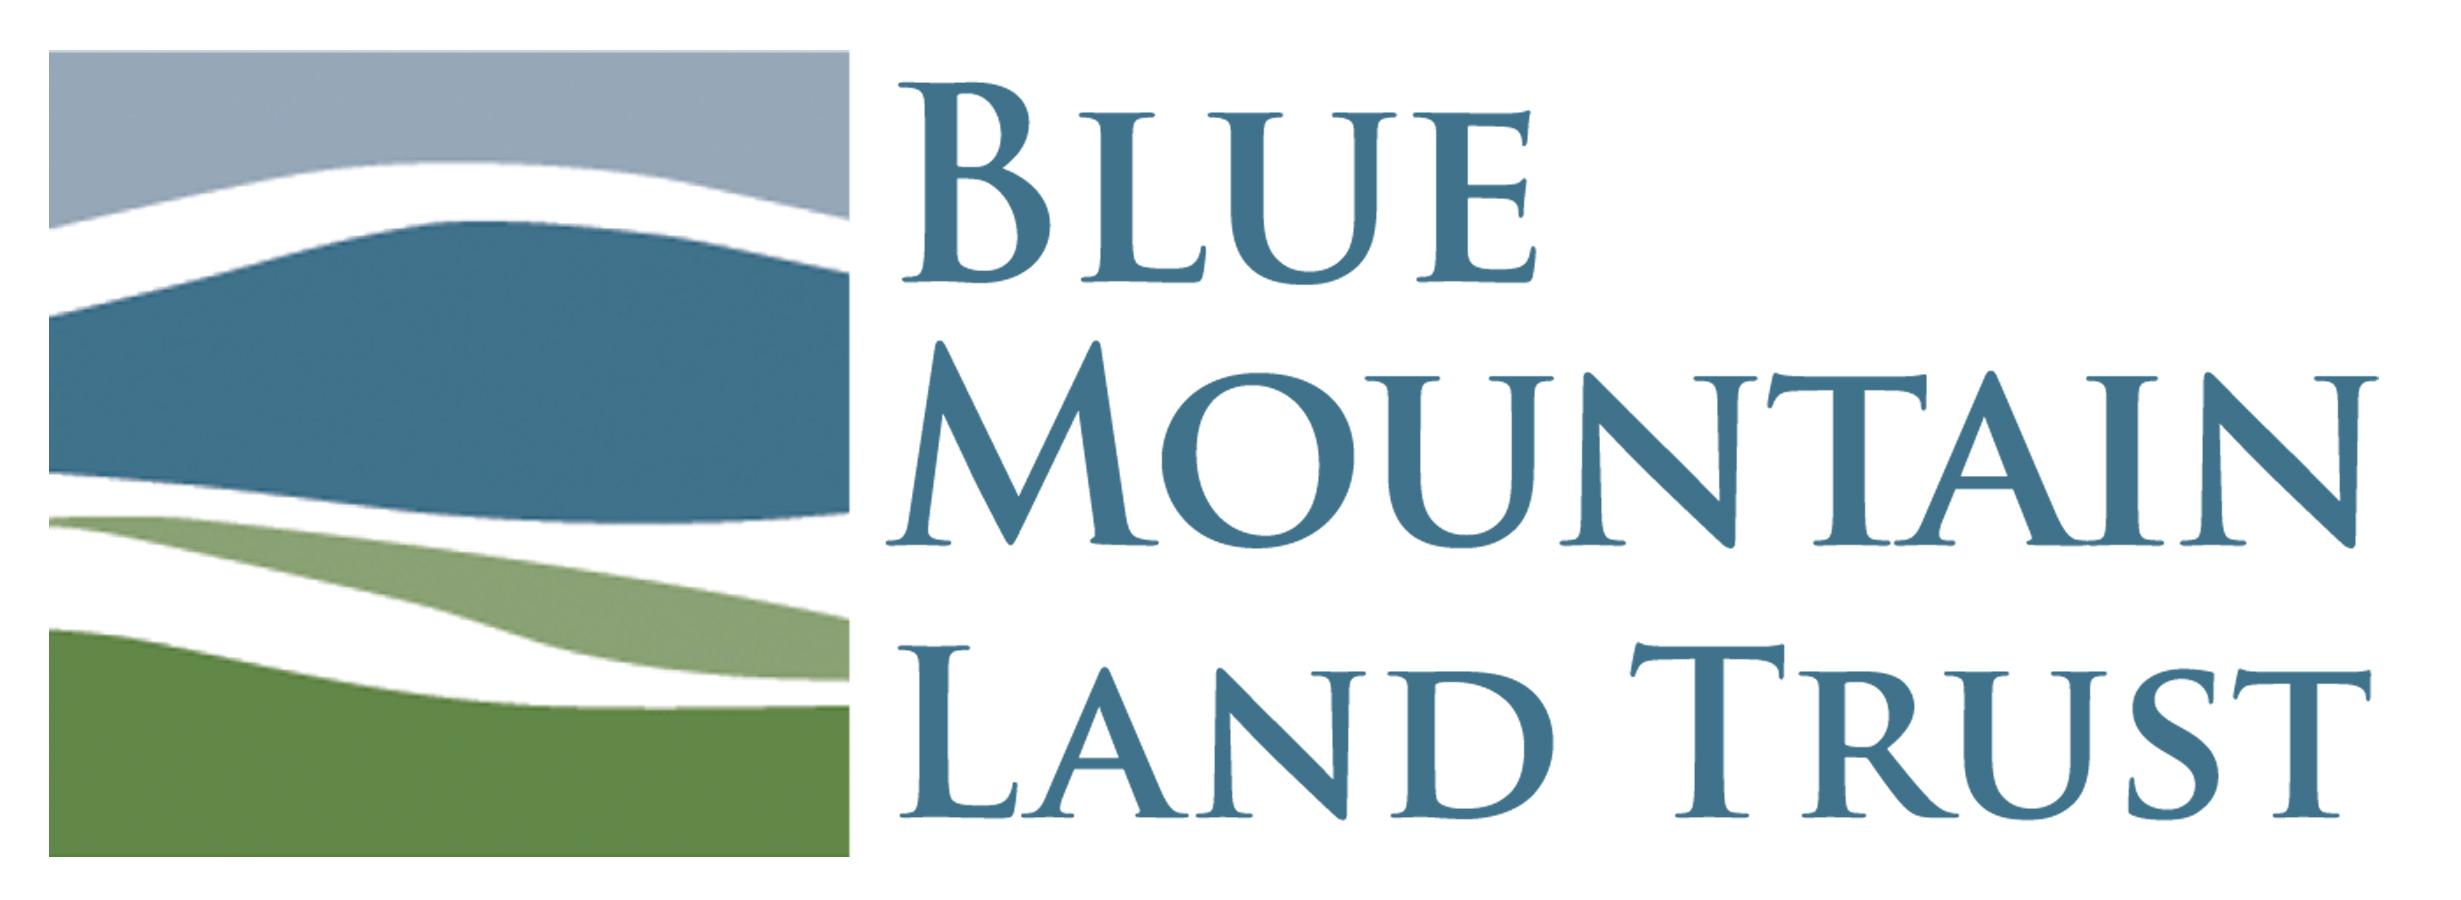 BMLT Logo color large.jpg